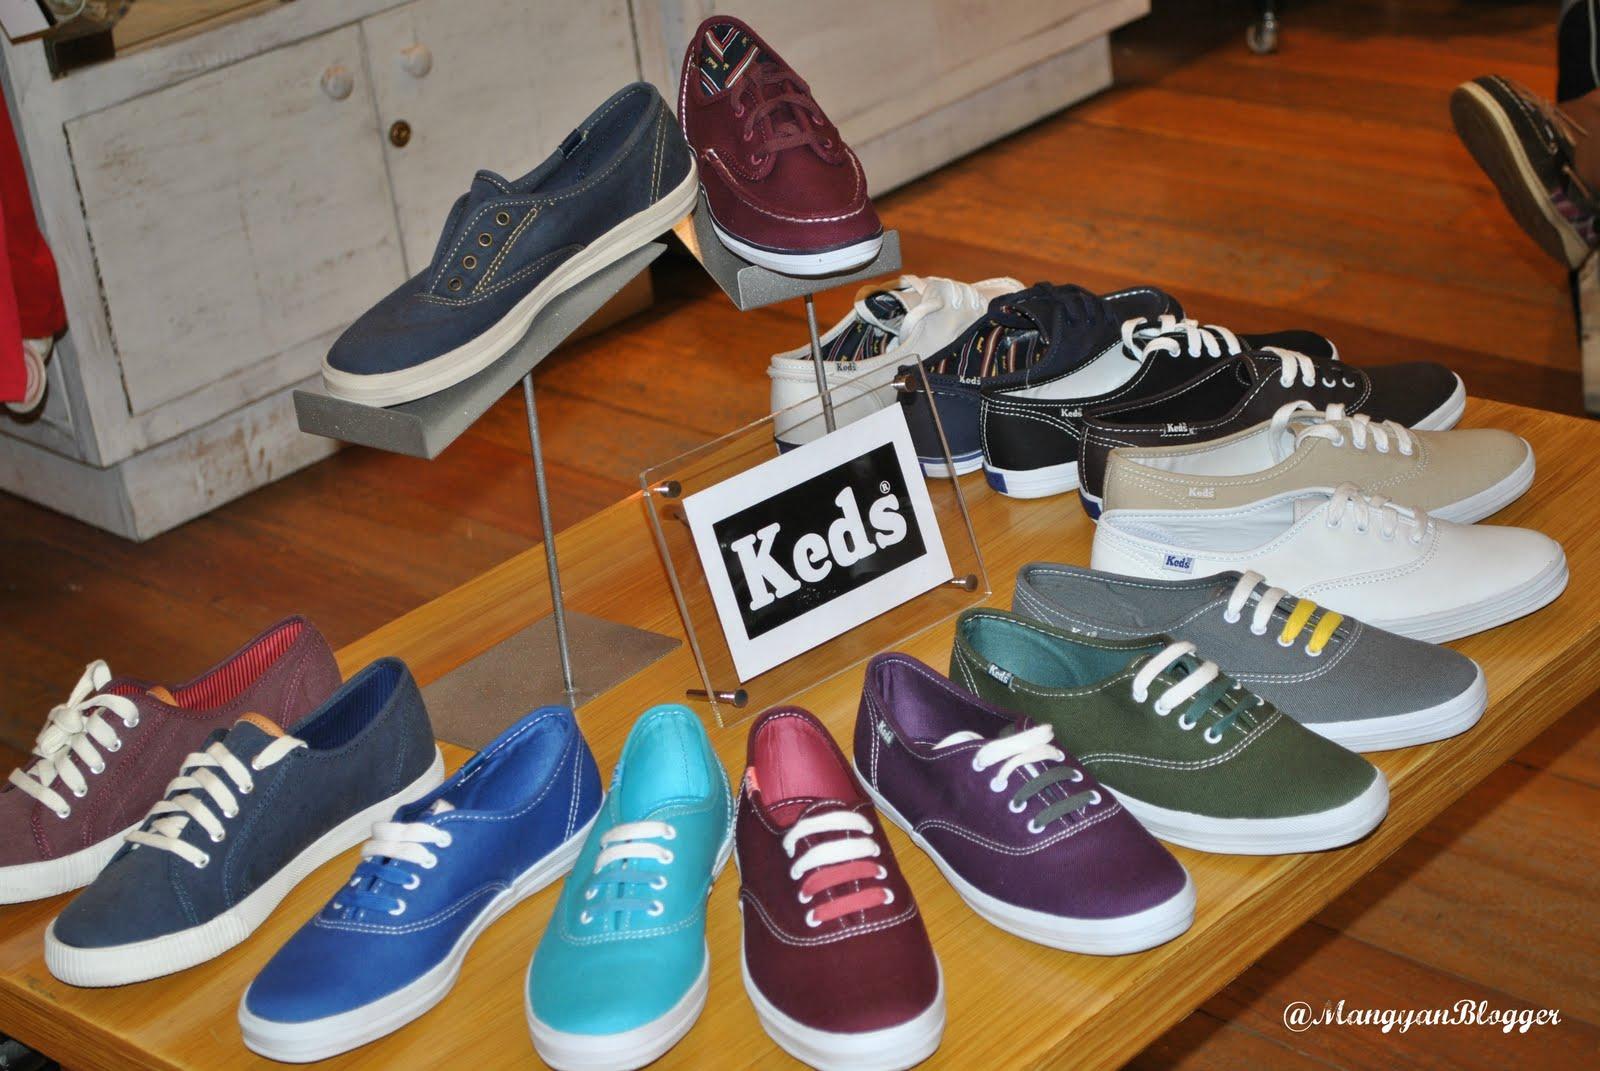 Skate shoes in cebu - Keds